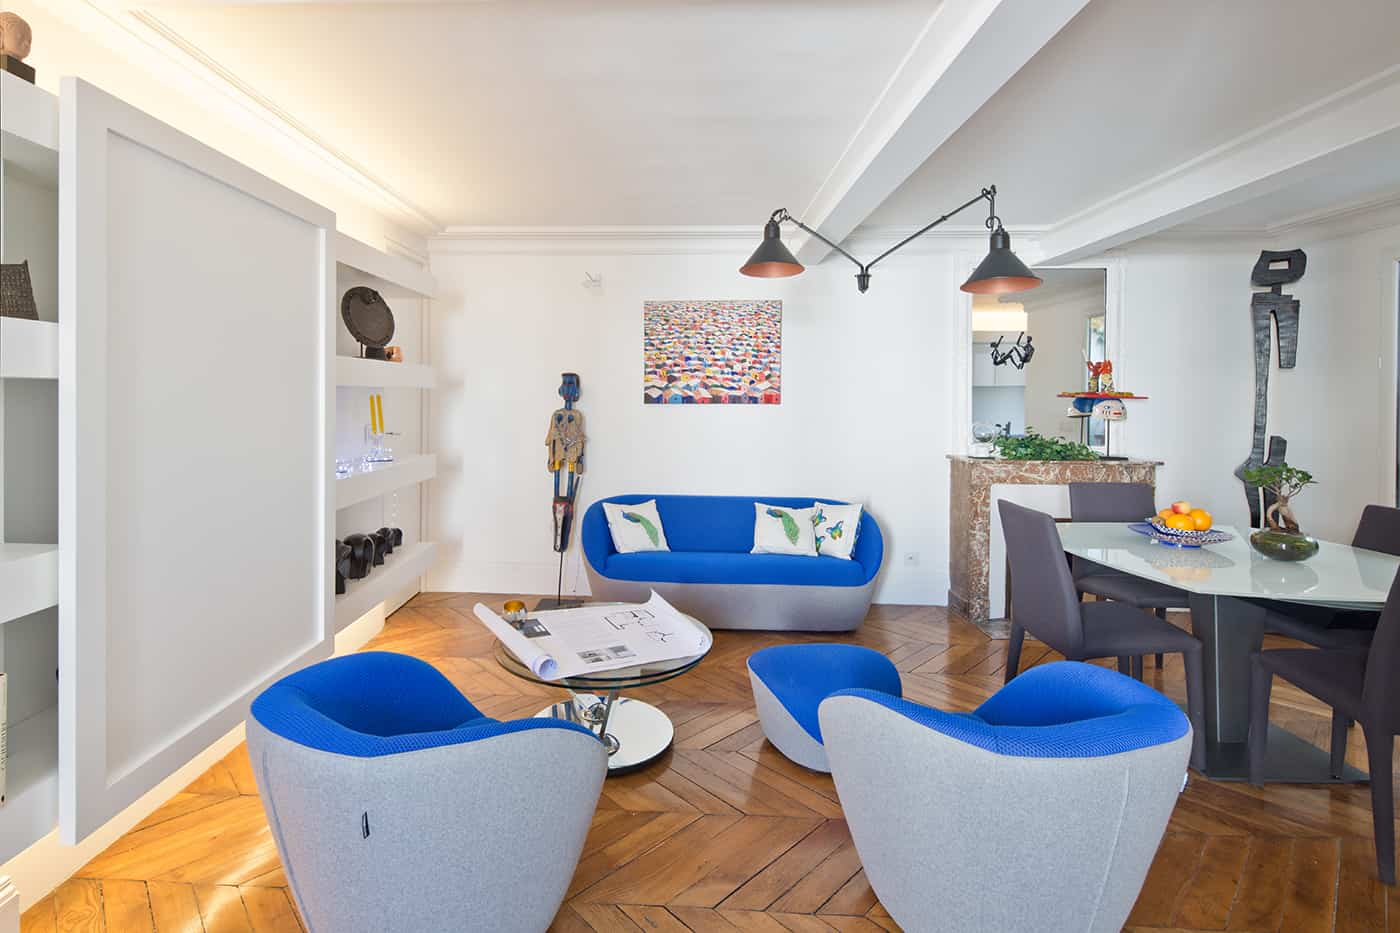 duplex d'architecte a paris © Jonathan Letoublon - Architecte Antonin Ziegler